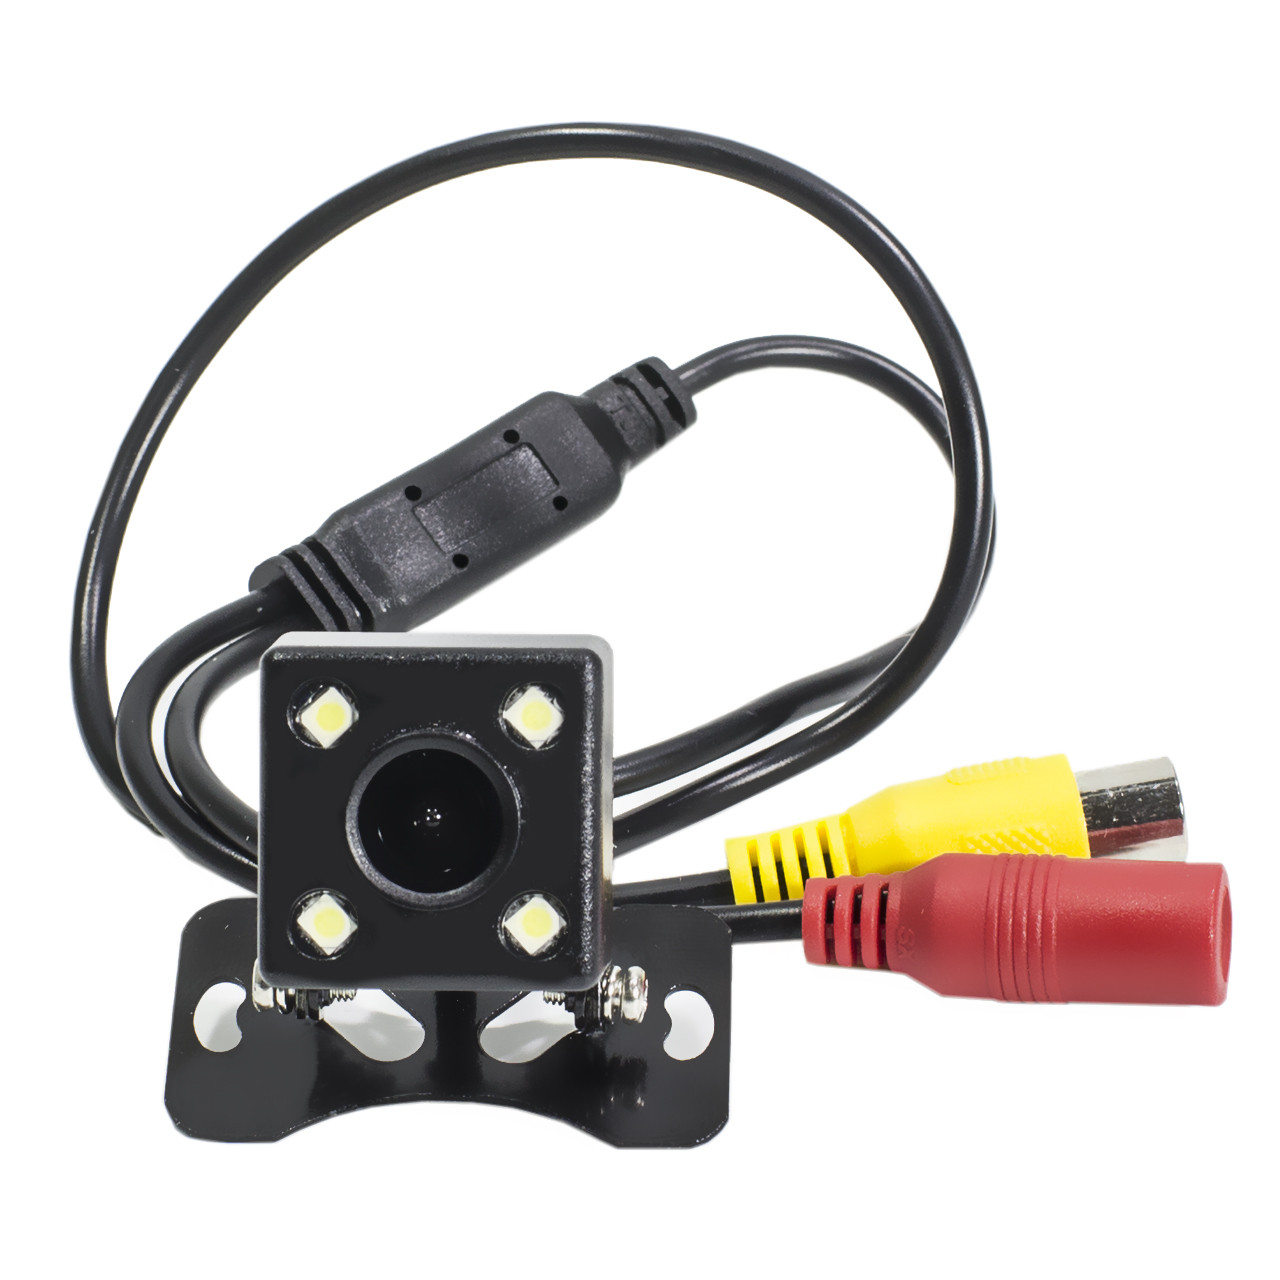 Камера заднего вида Lesko 7070 для автомобиля road camera для парковки 140 градусов